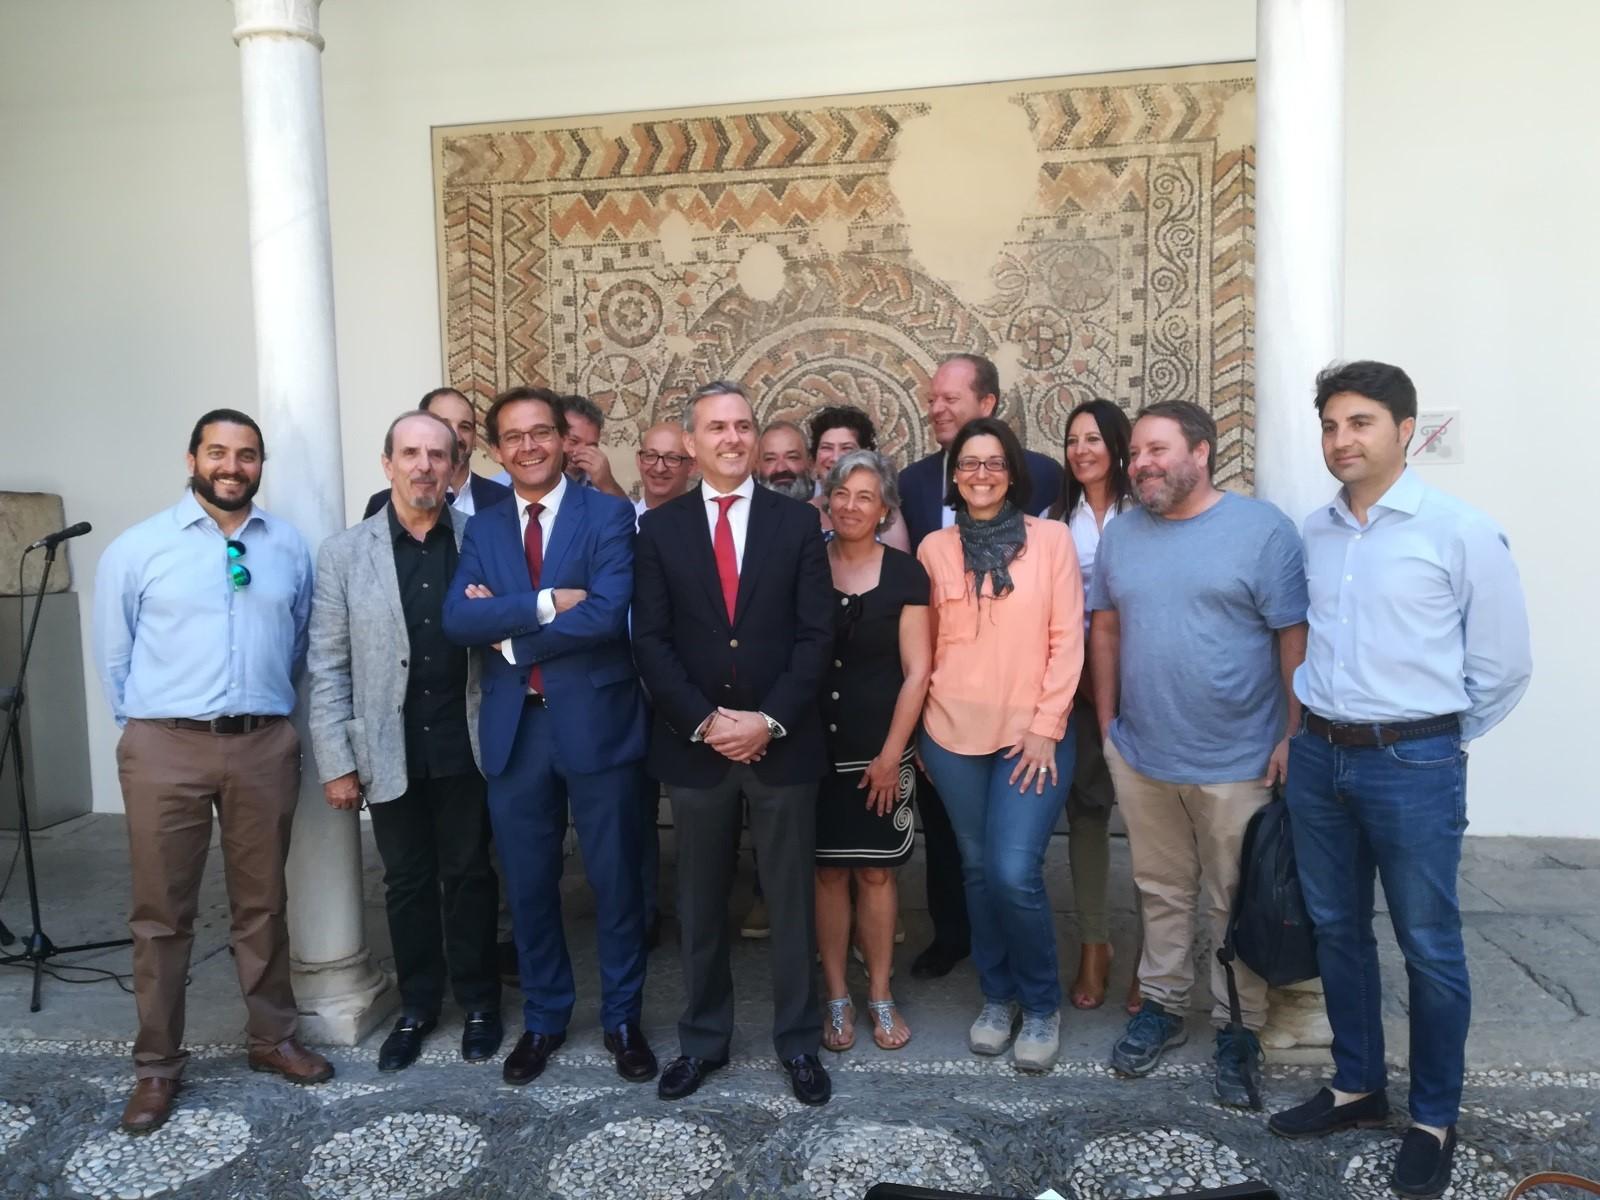 Las jornadas europeas de Arqueología incluirán visitas guiadas, talleres y conciertos